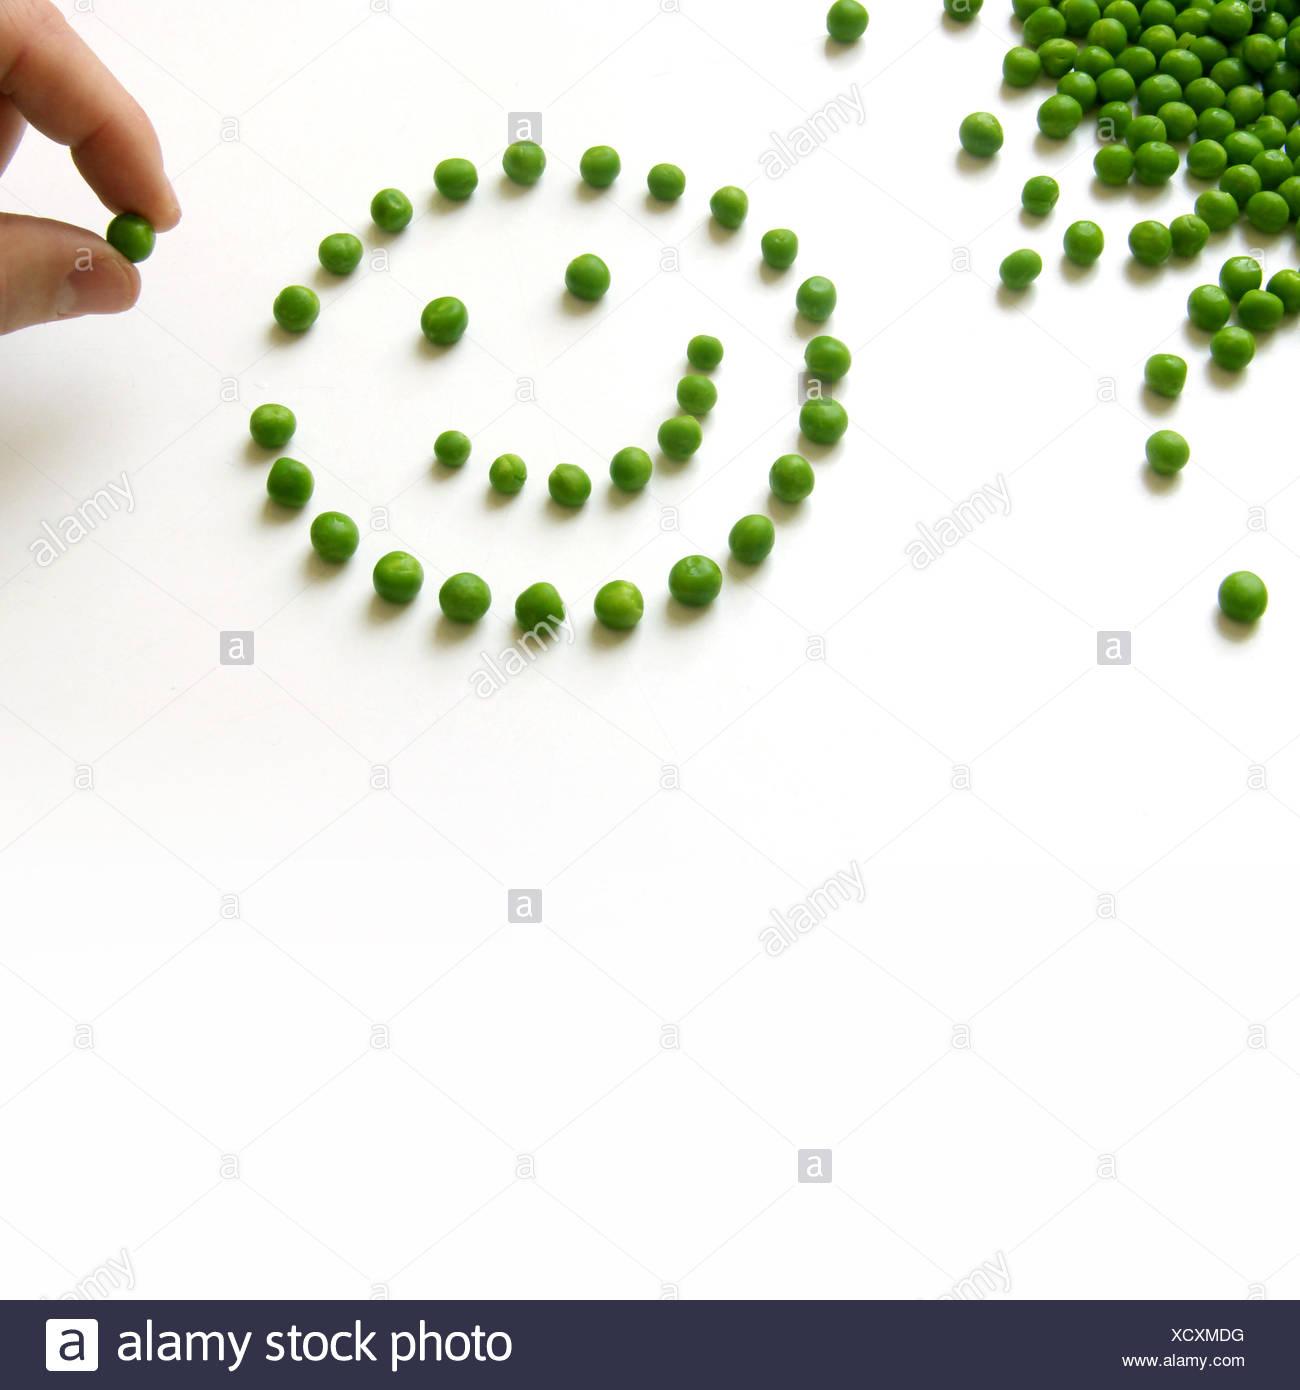 Eat & Smile Stock Photo